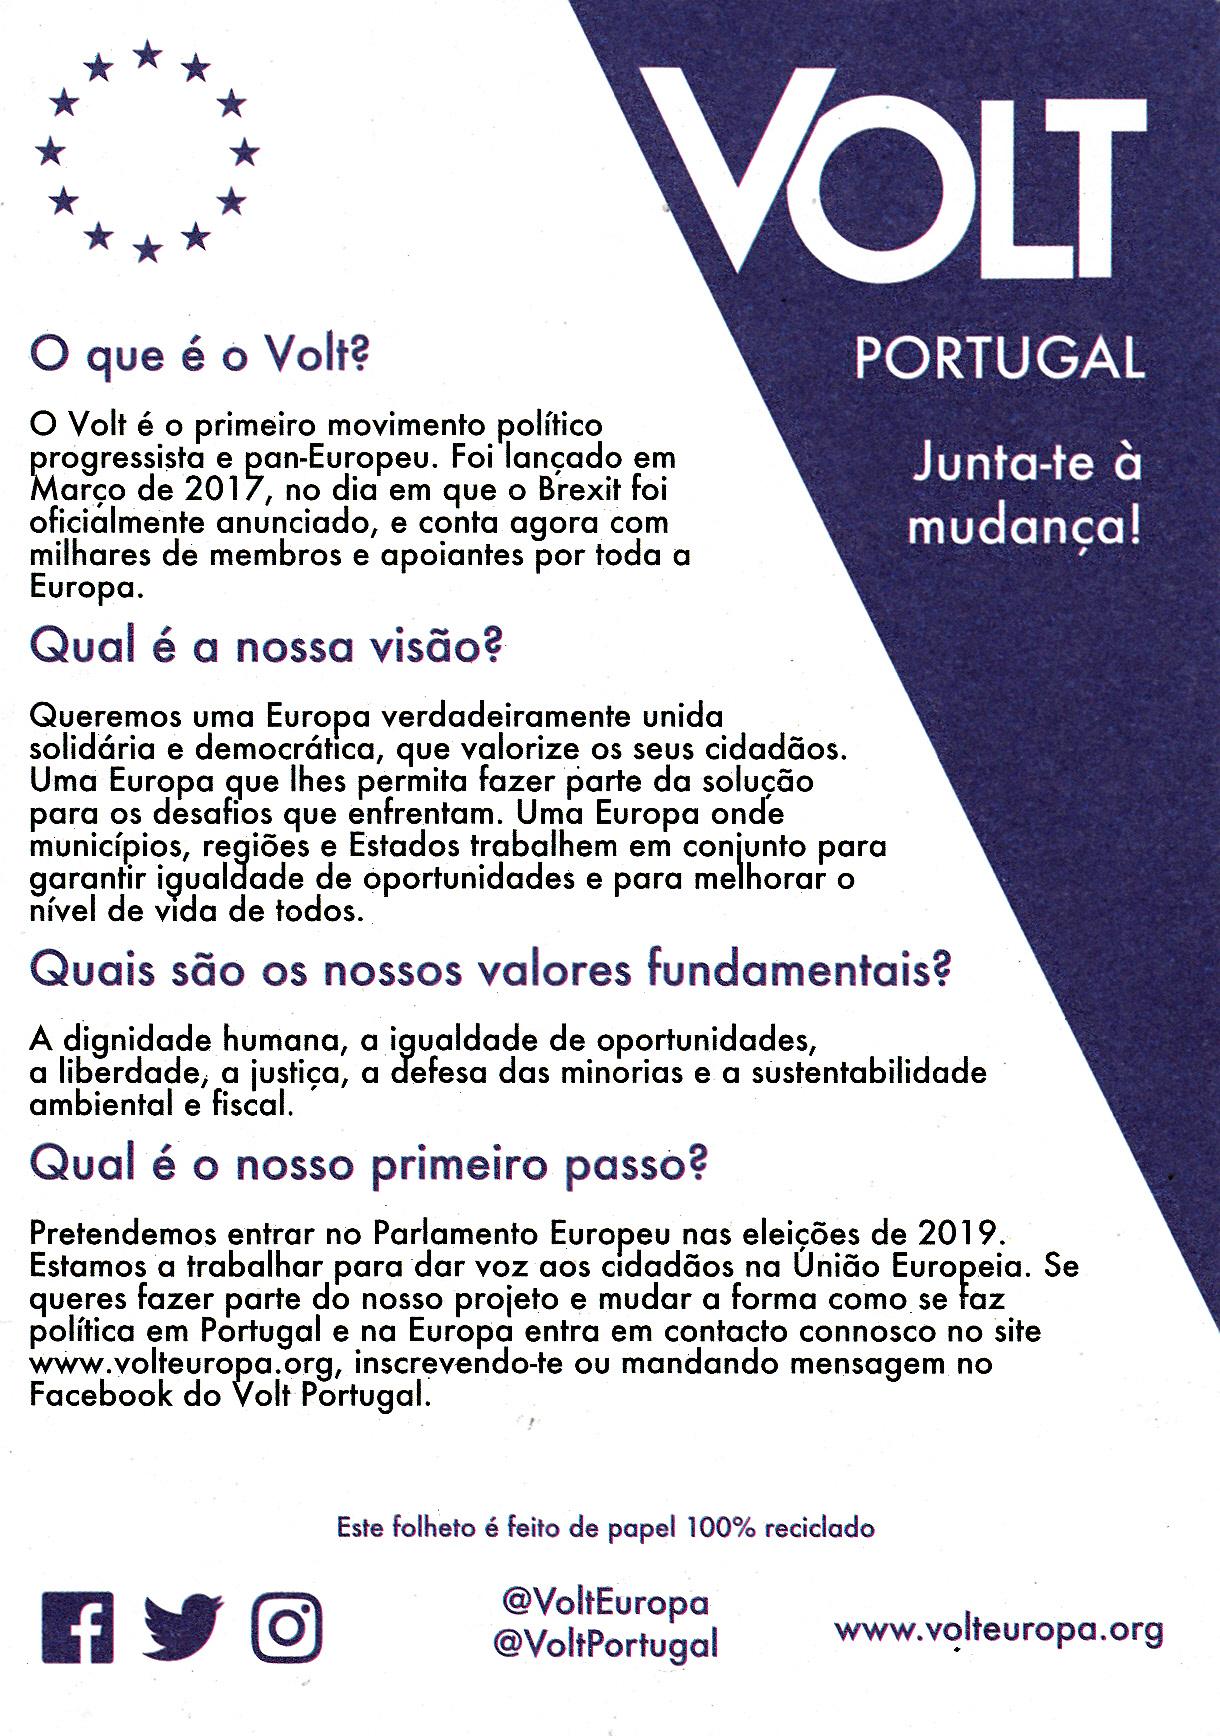 Volt_portugal_0004